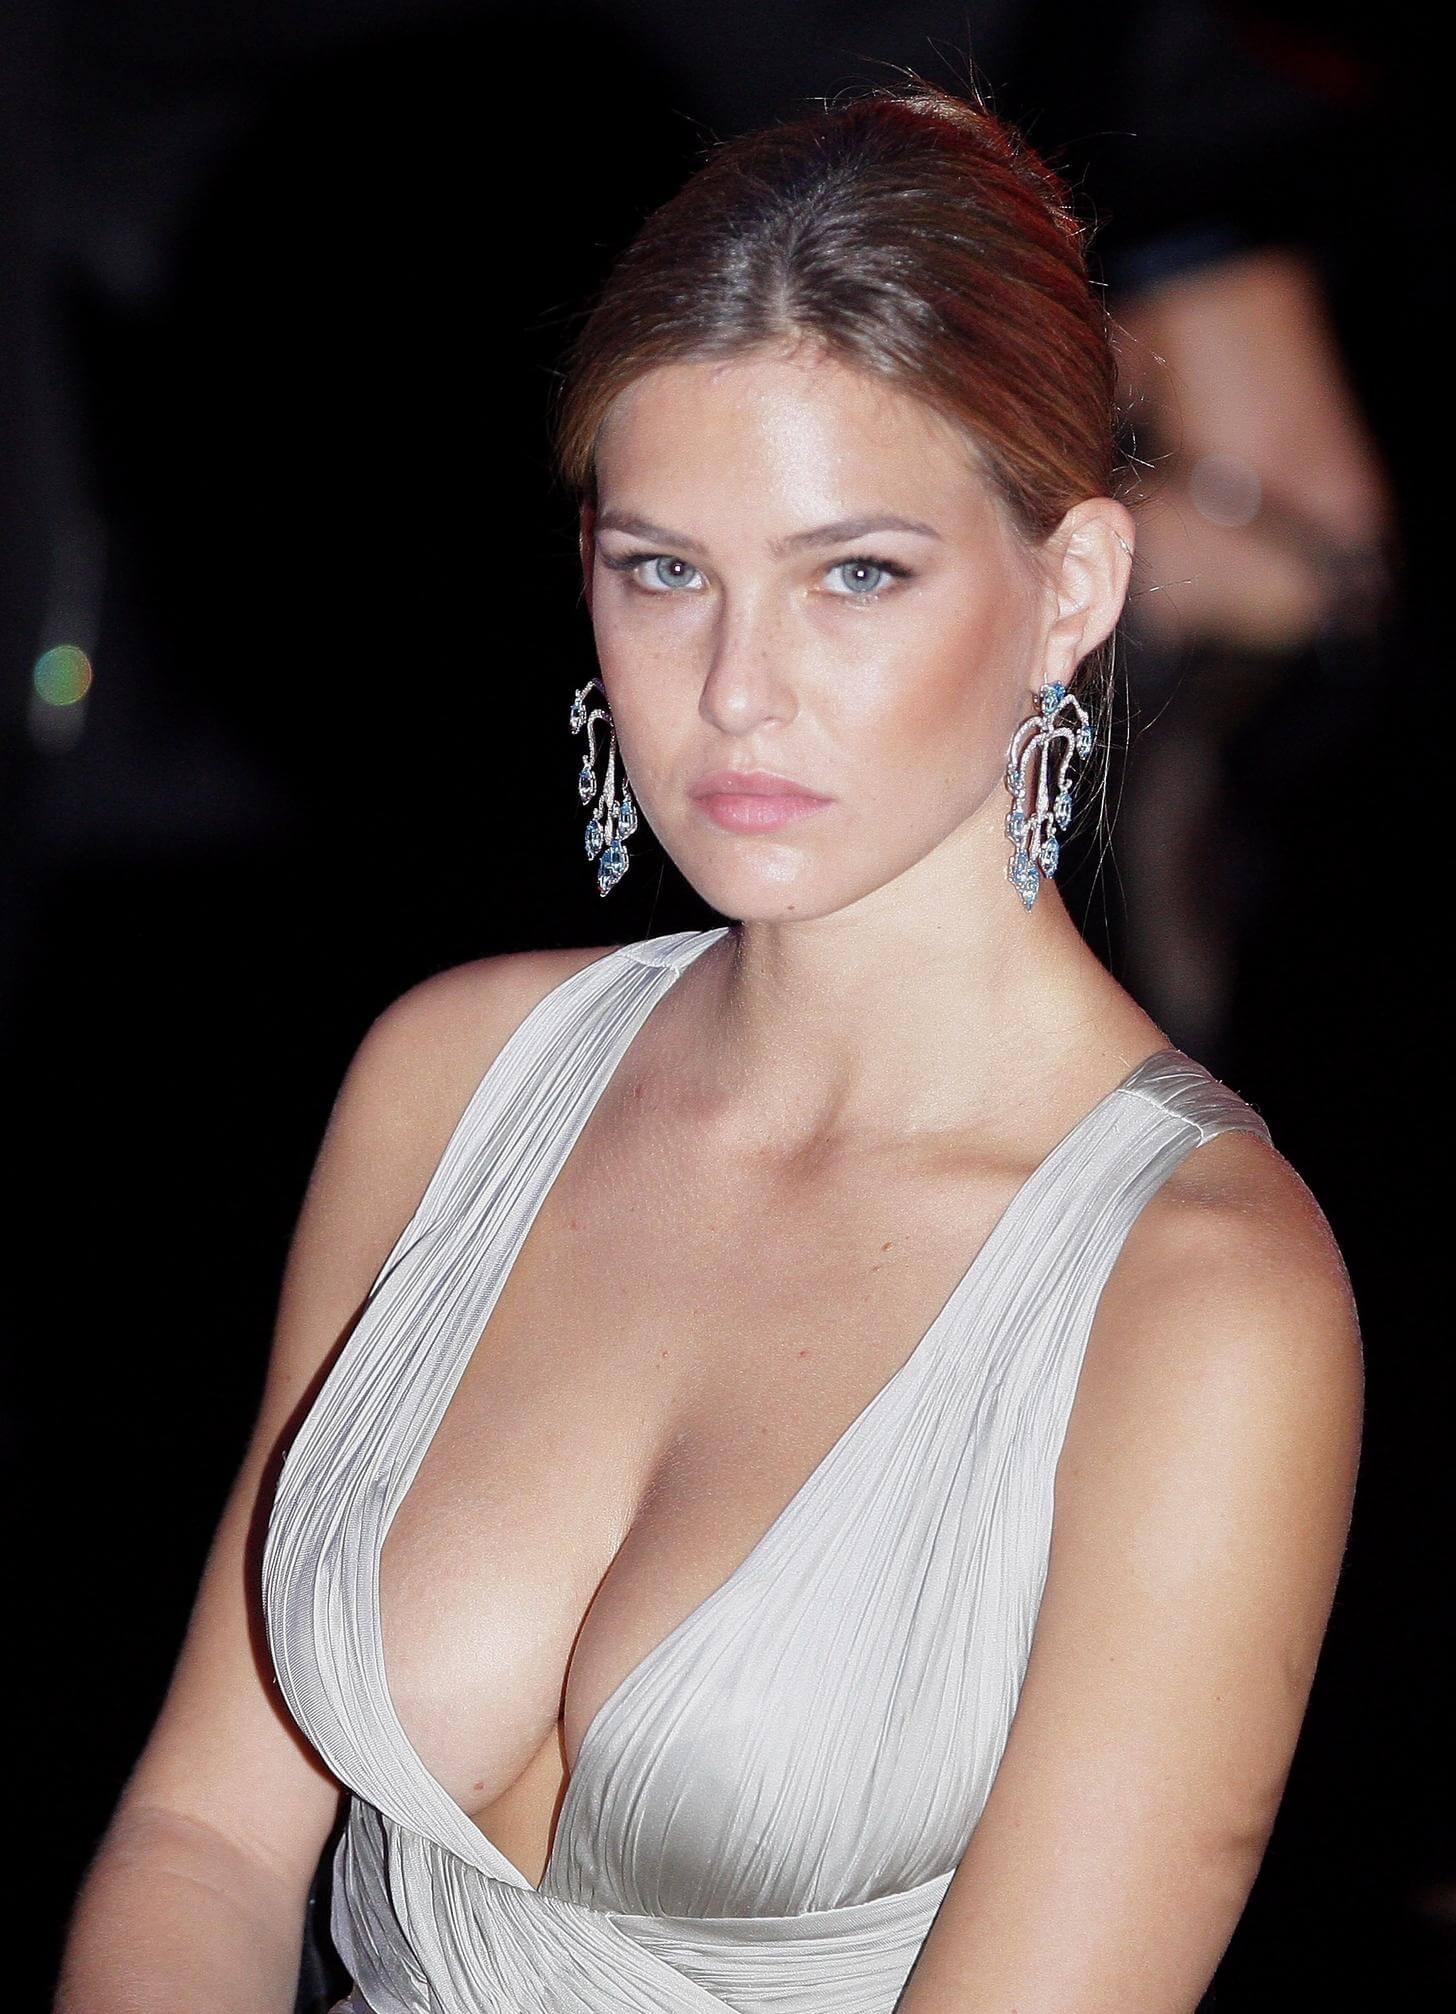 Actress Bar Refaeli